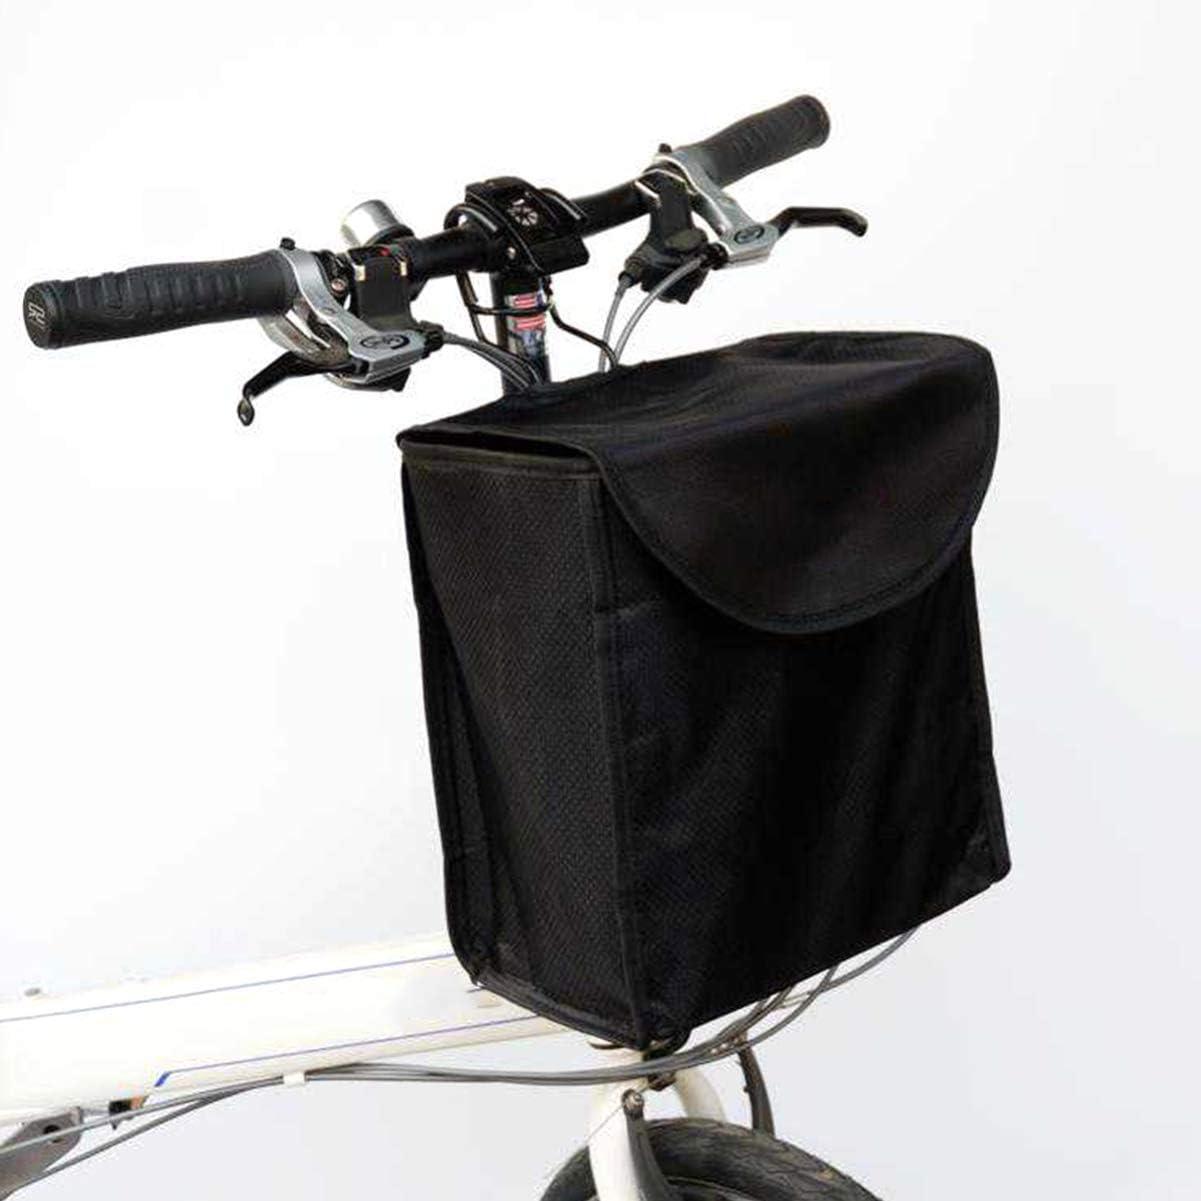 VOSAREA Fahrradkorbtr/äger Fahrradlenker Vorderkorb H/ängende Fahrradtasche mit Abdeckung f/ür Mountainbikezubeh/ör Fahrradrahmenkorb Schwarz